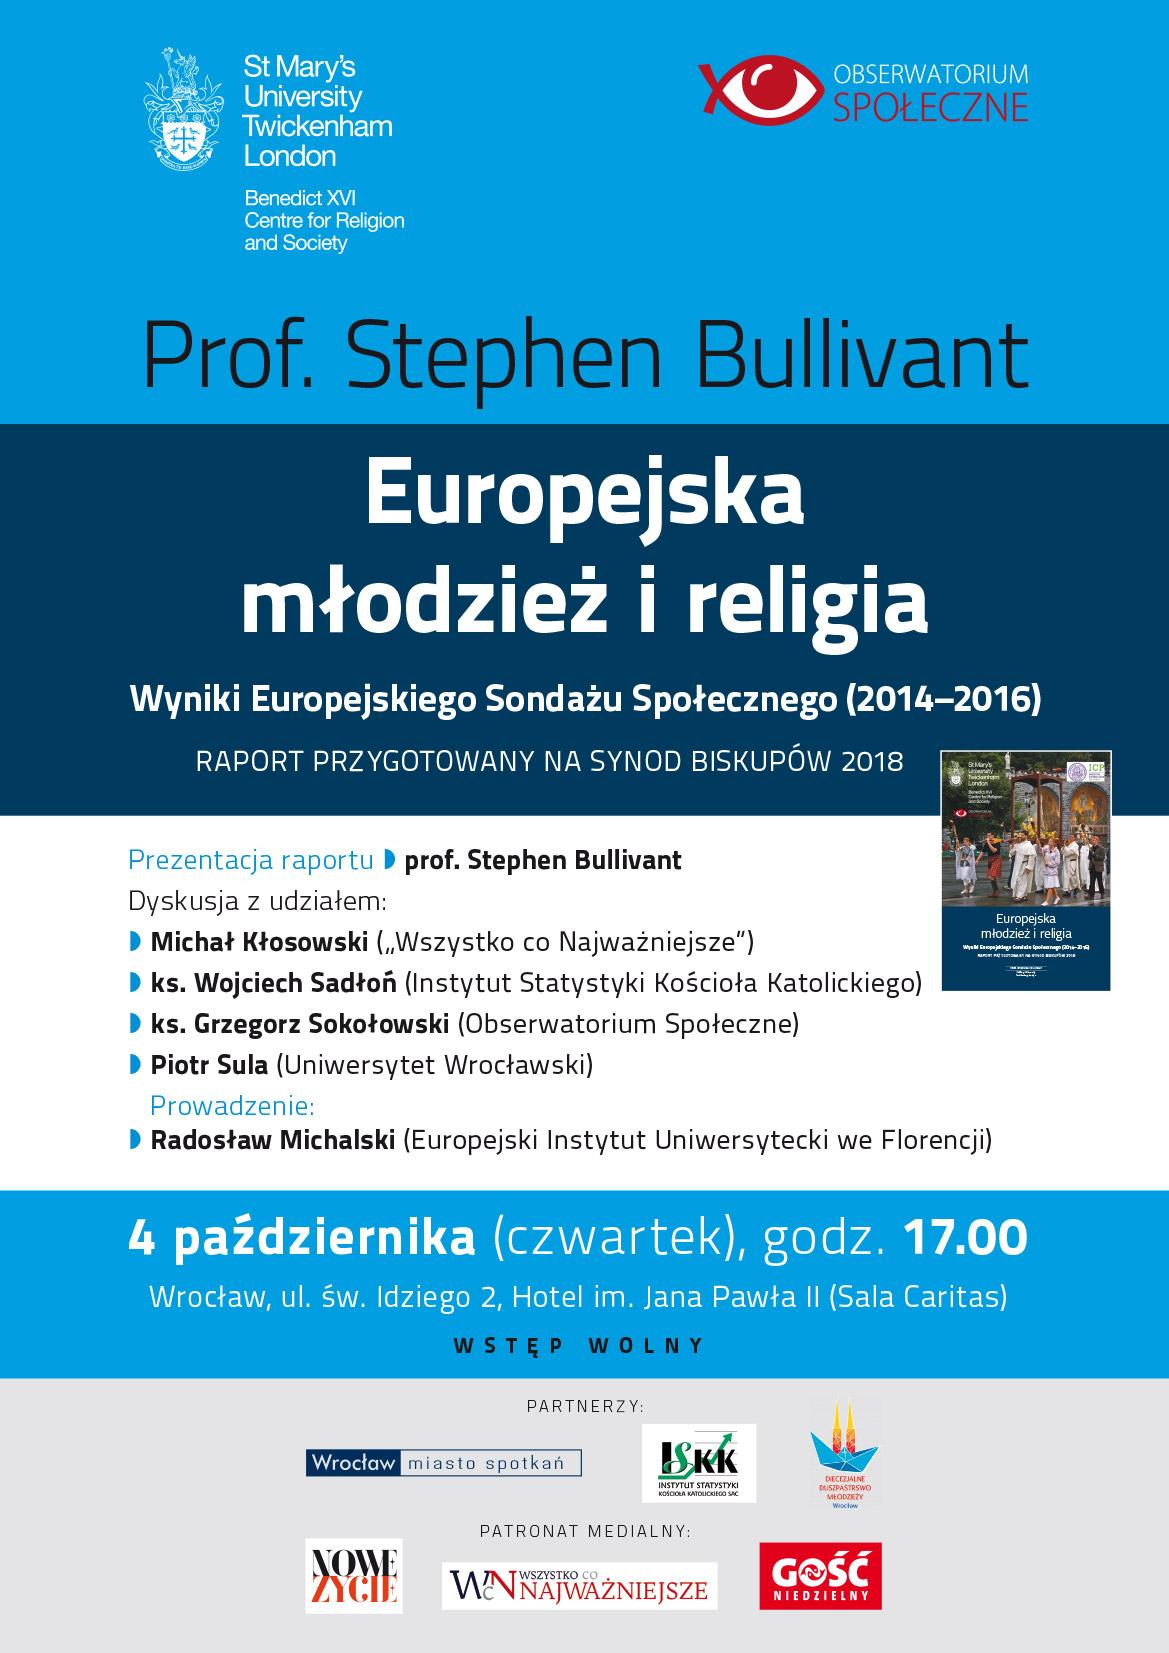 Europejska młodzież i religia